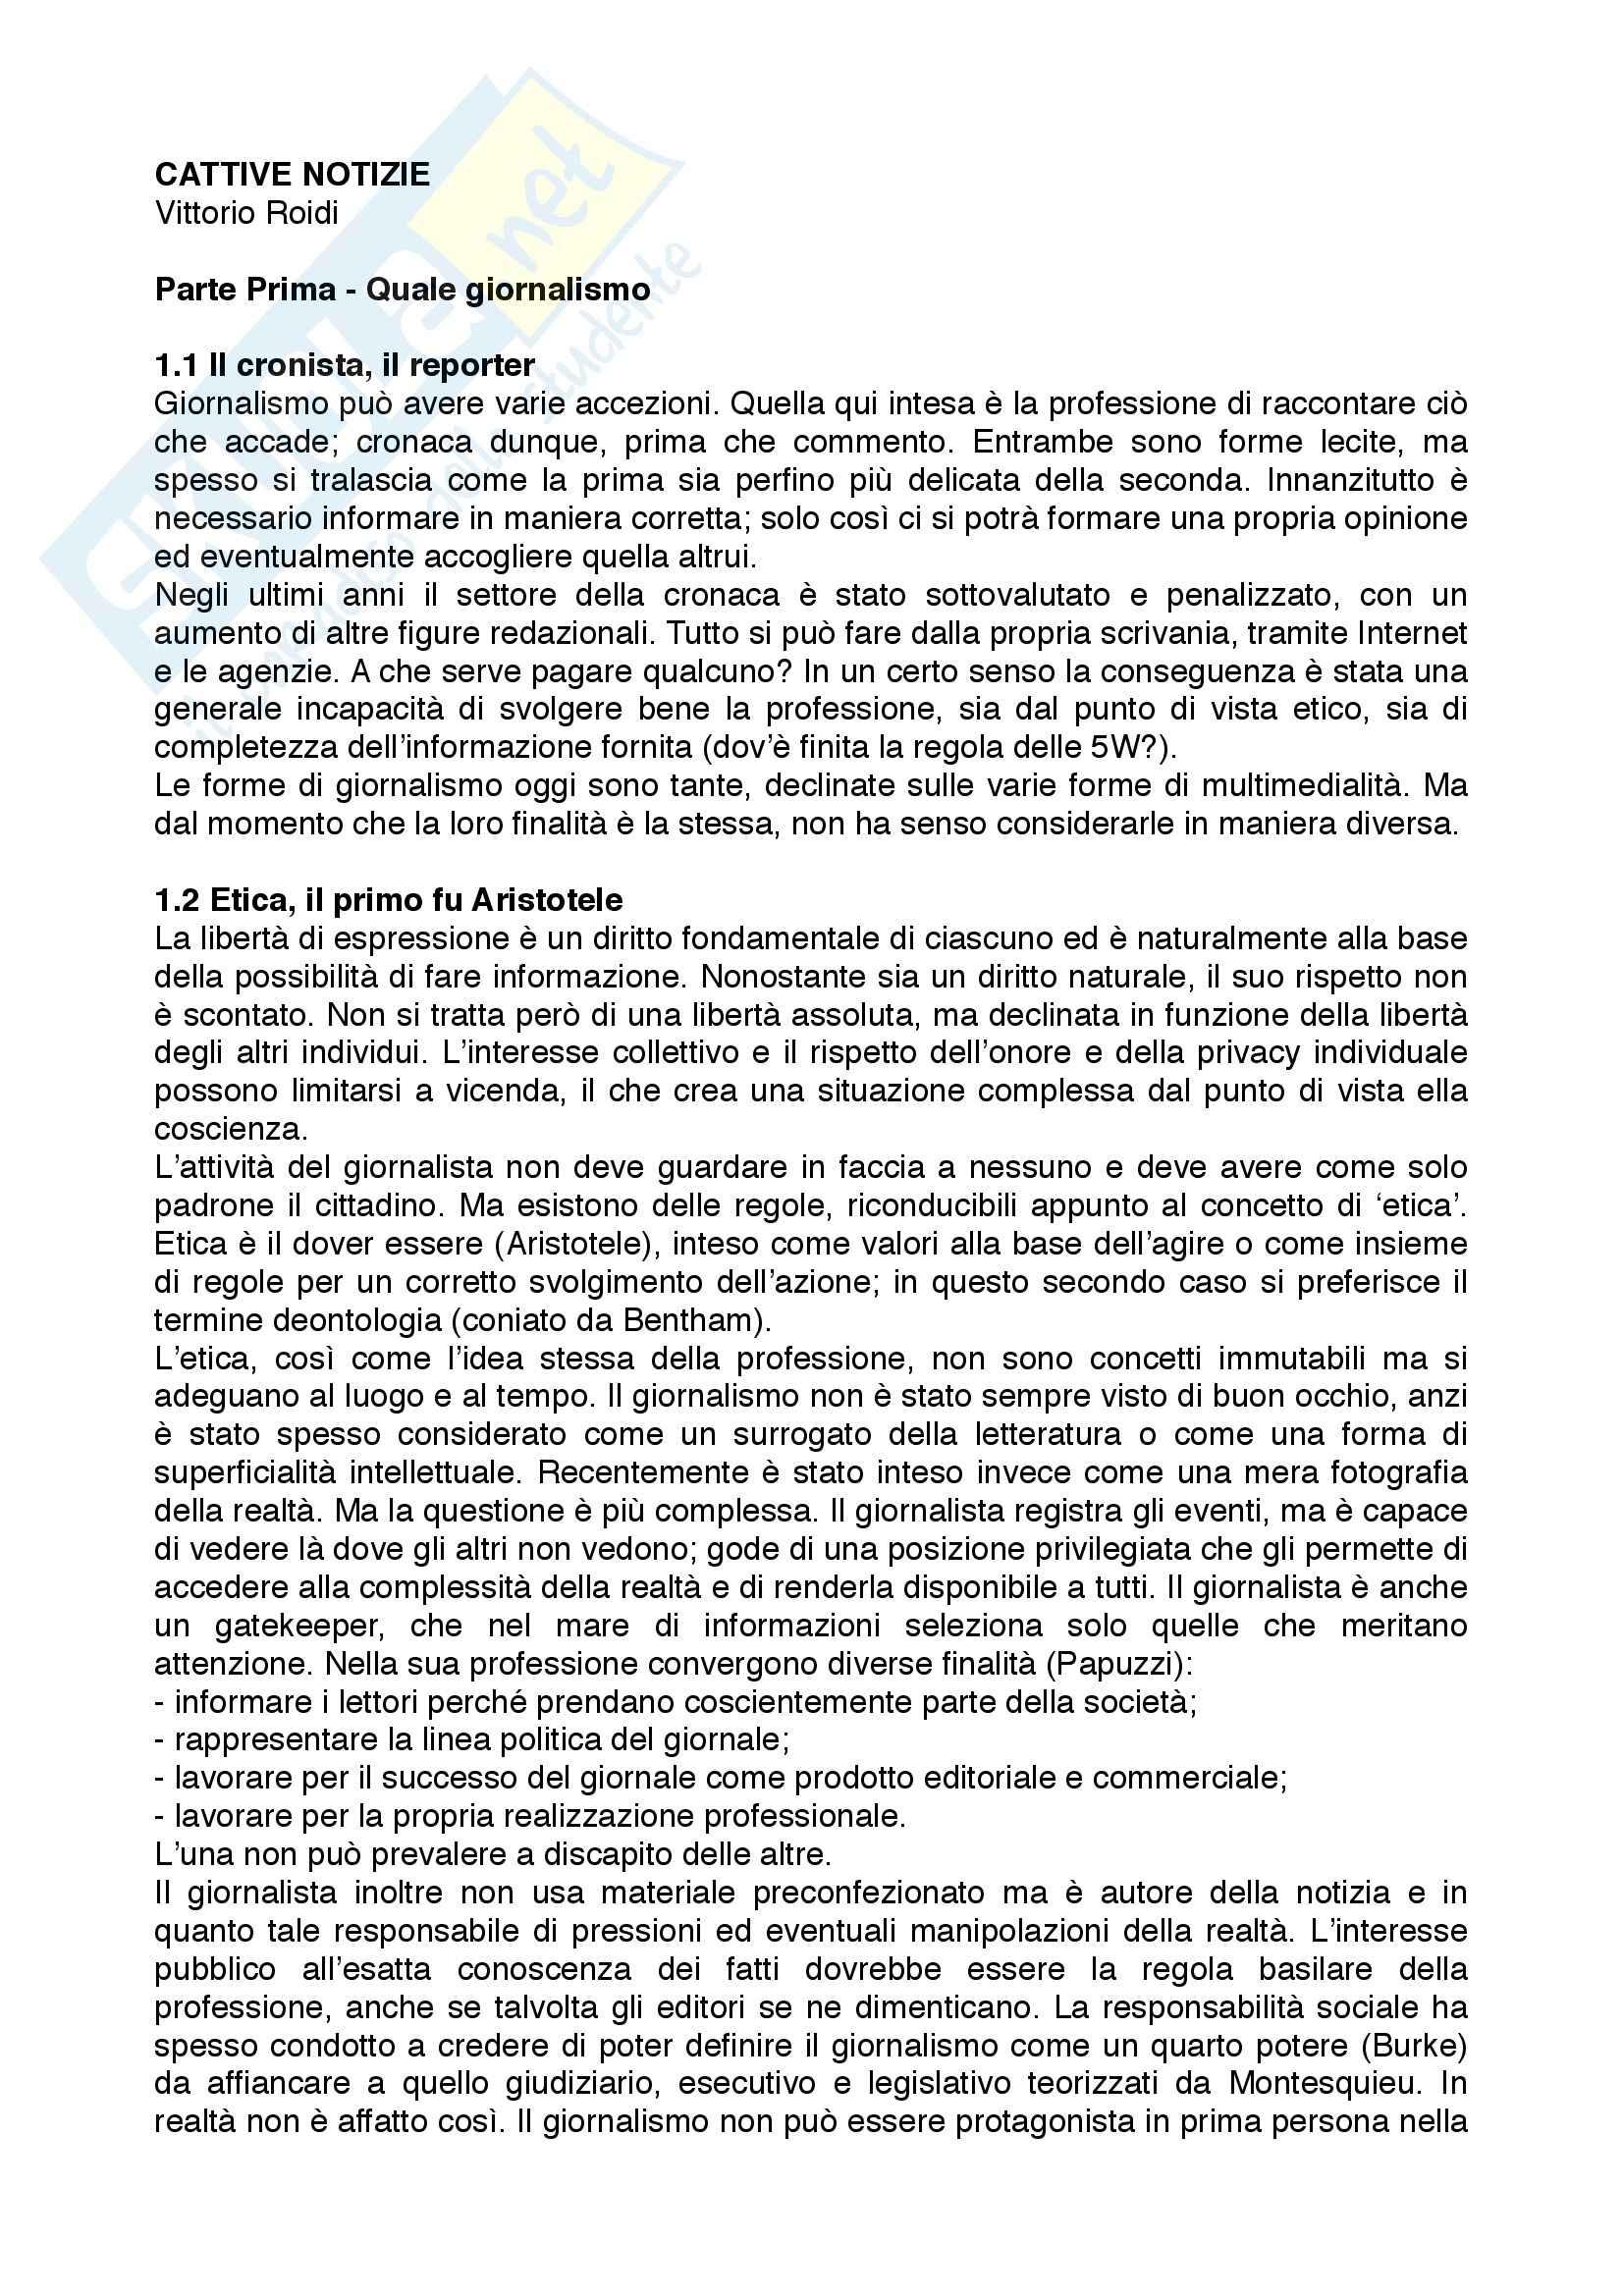 appunto V. Roidi TEORIA ETICA E REGOLAMENTAZIONE DEL GIORNALISMO